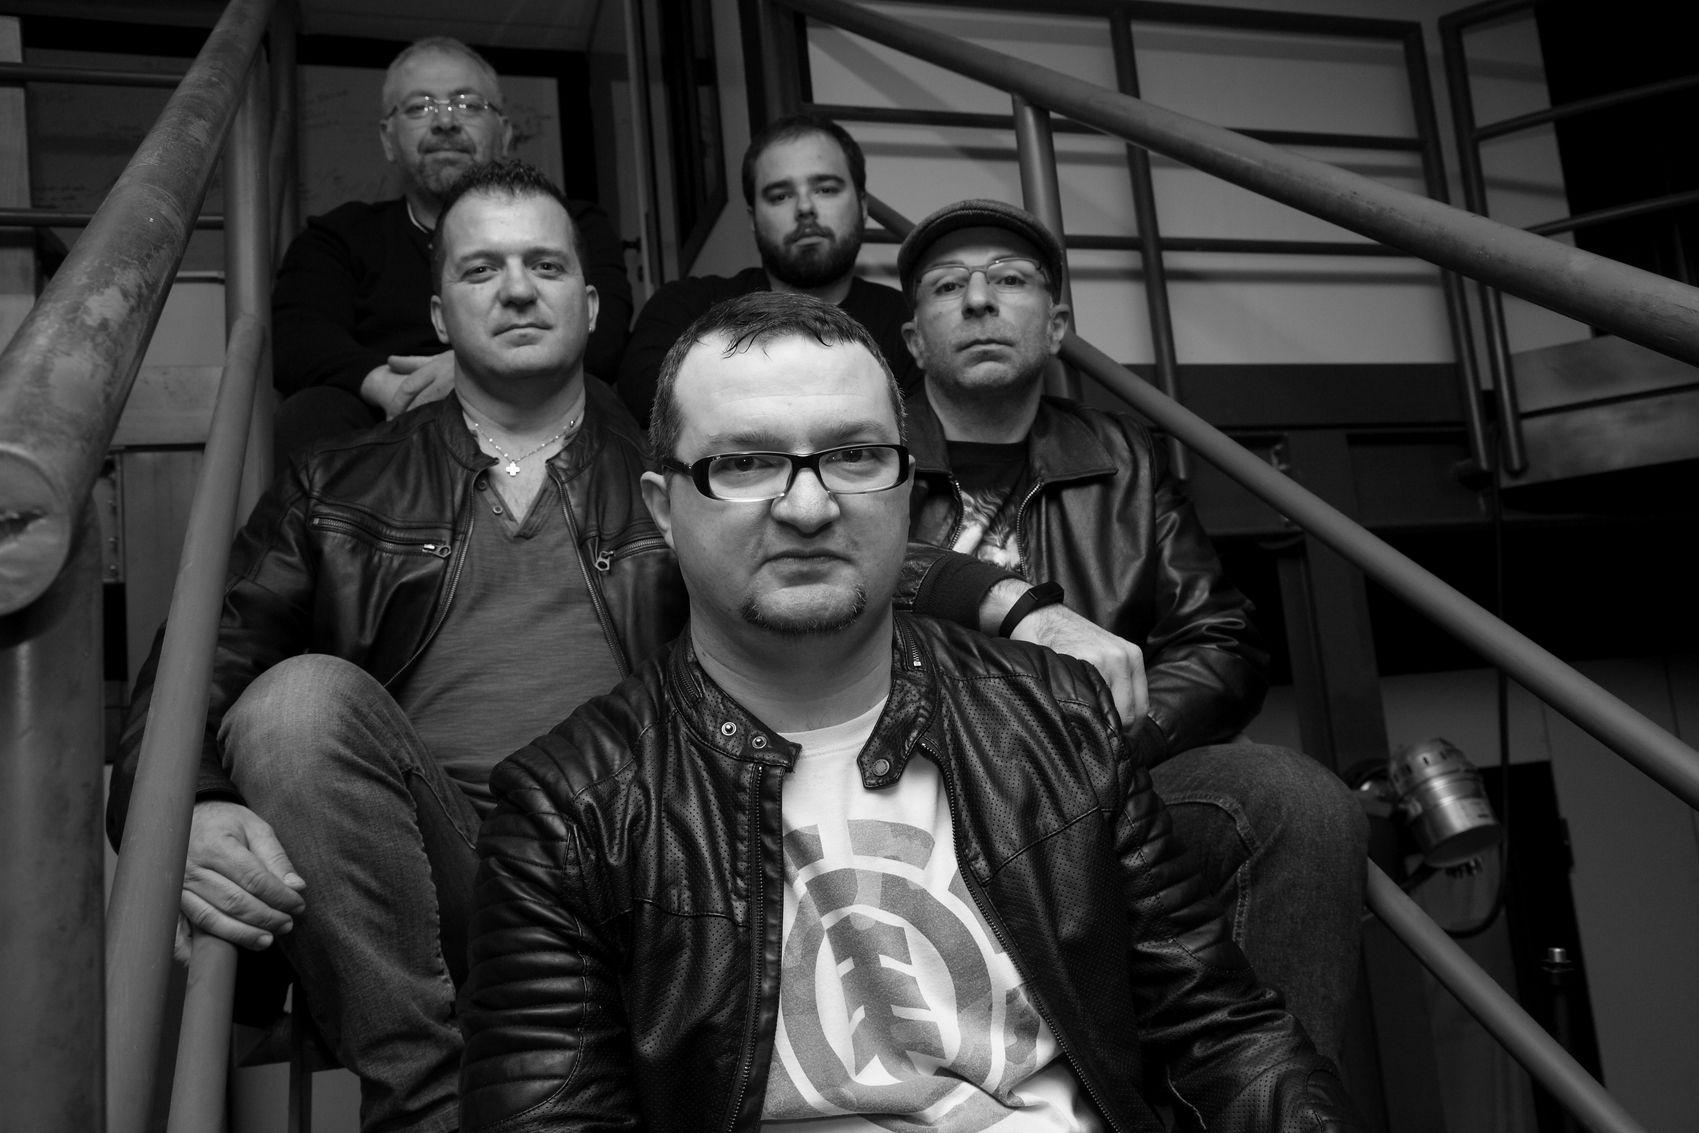 La band The Story Tellers, presto con un nuovo album